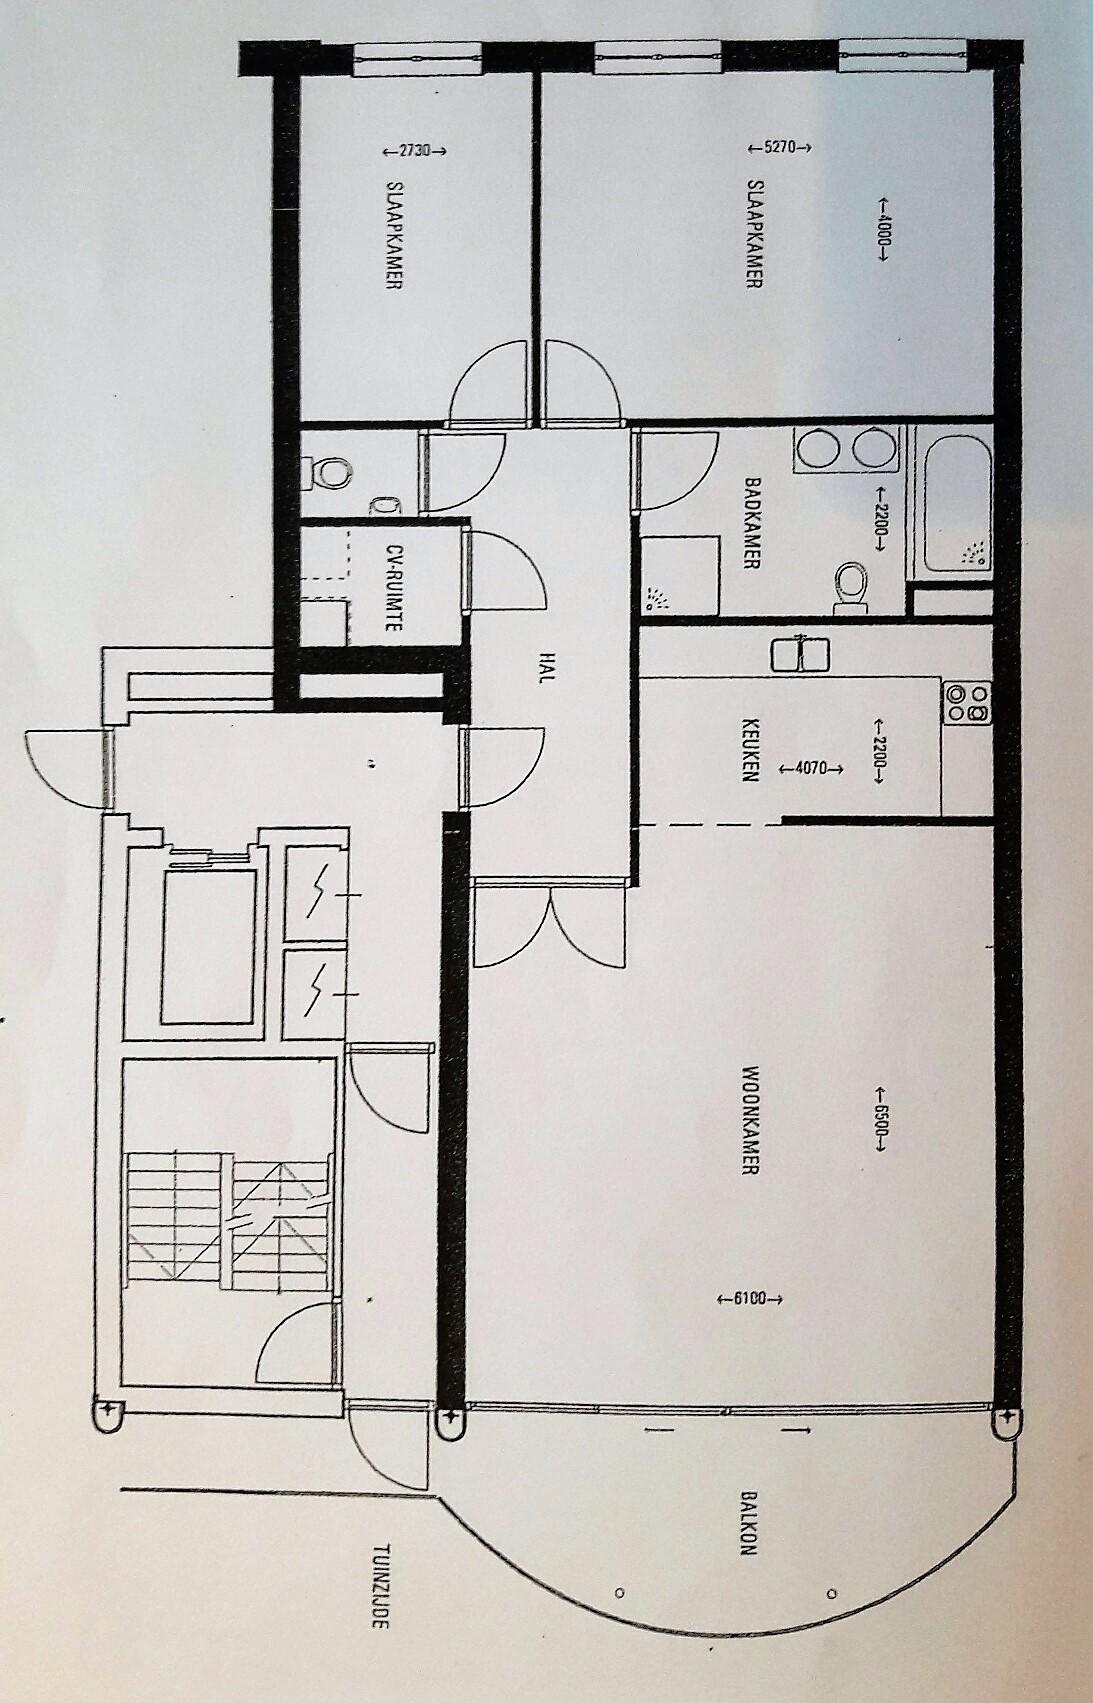 Pieter de Hoochstraat 7 G,Amsterdam,Noord-Holland Nederland,2 Bedrooms Bedrooms,1 BathroomBathrooms,Apartment,De Wending,Pieter de Hoochstraat,1,1054